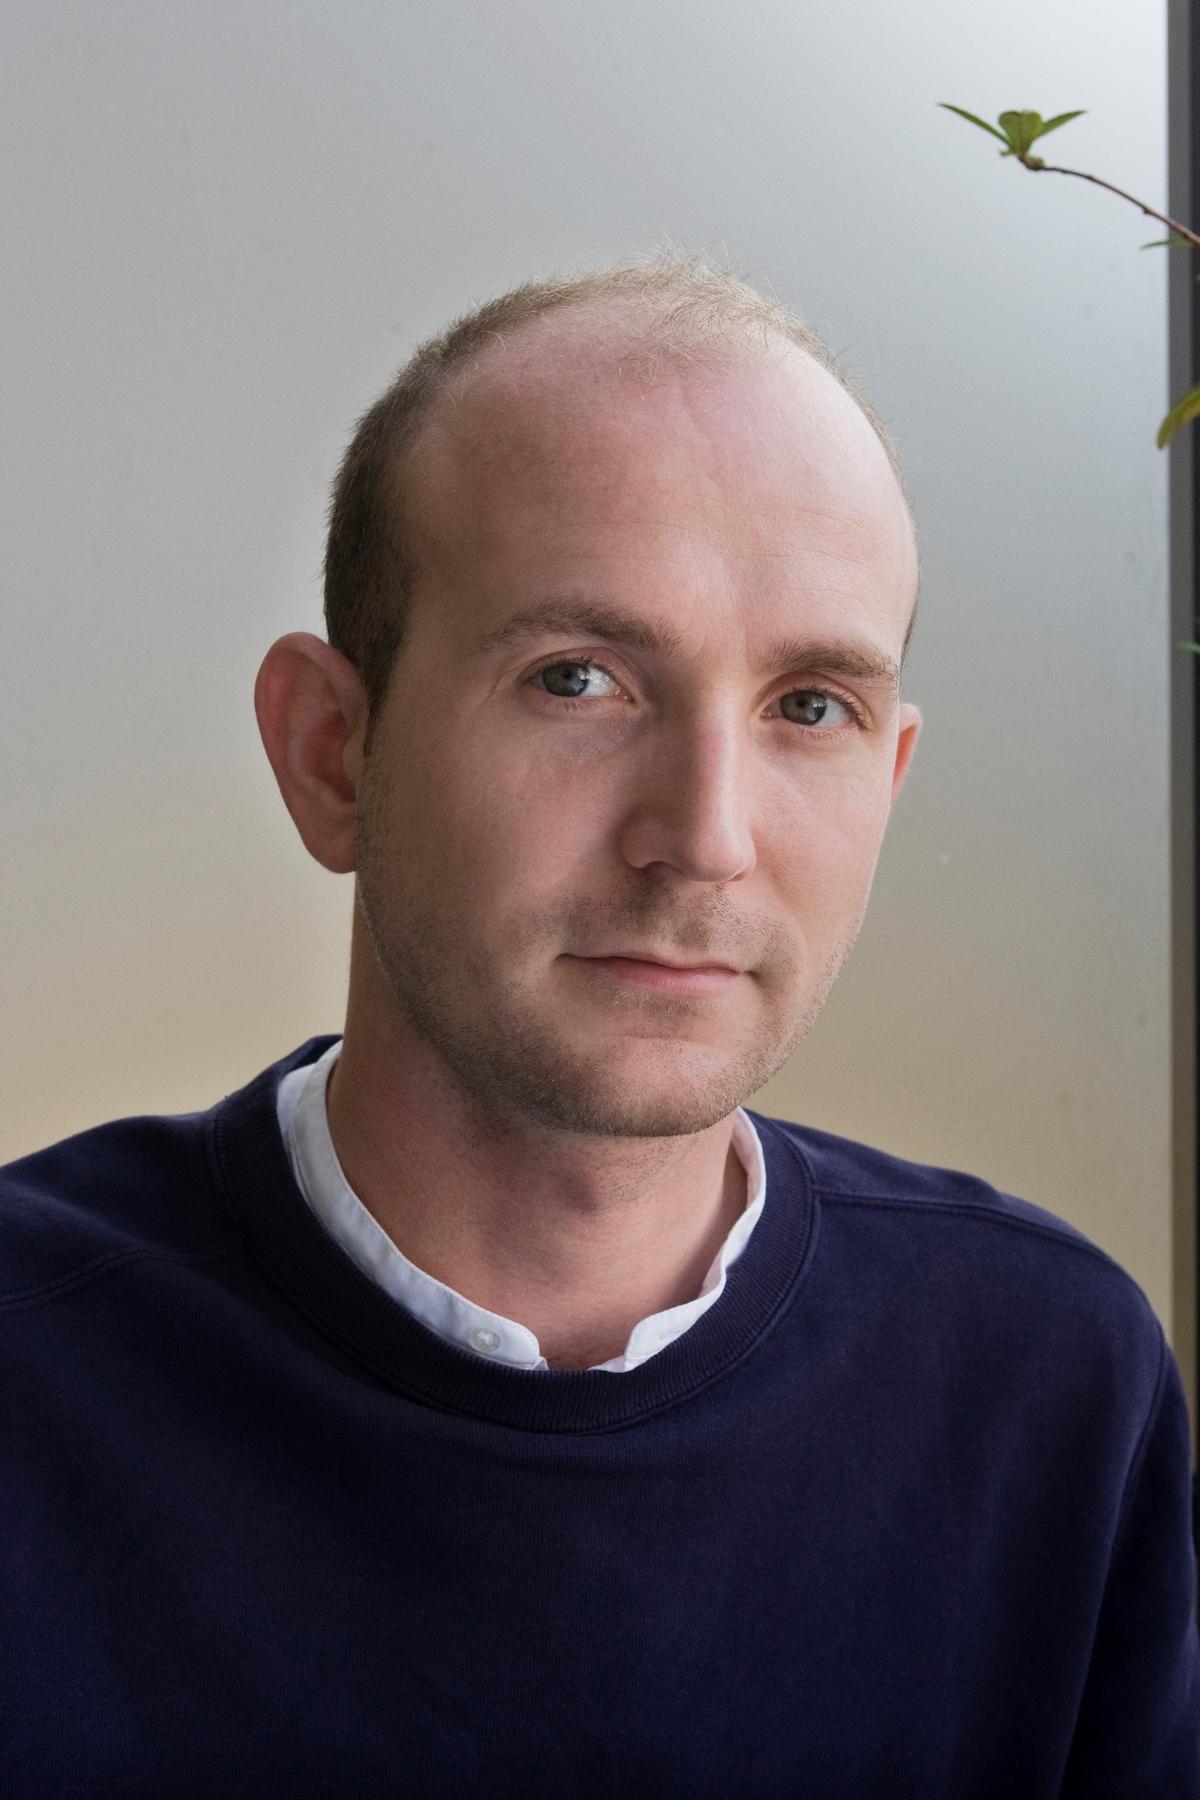 Michael Nebeling from København